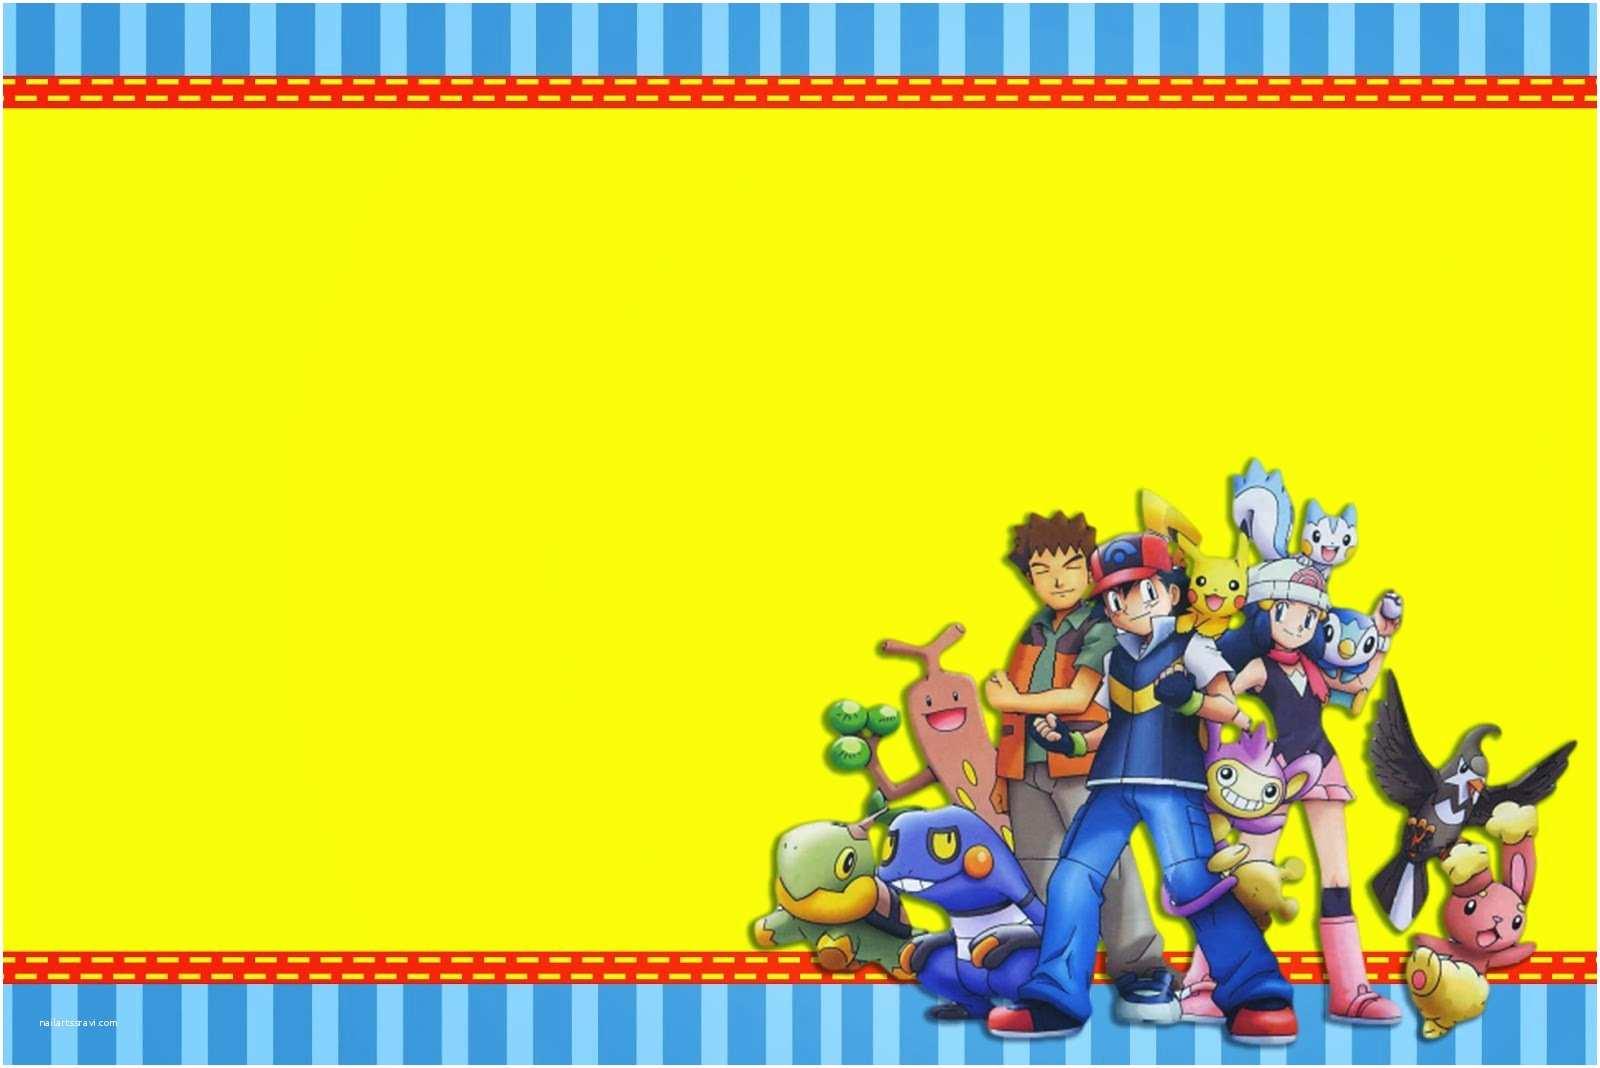 Pokemon Birthday Party Invitations Pokemon Birthday Party Invitations Printable — Criolla